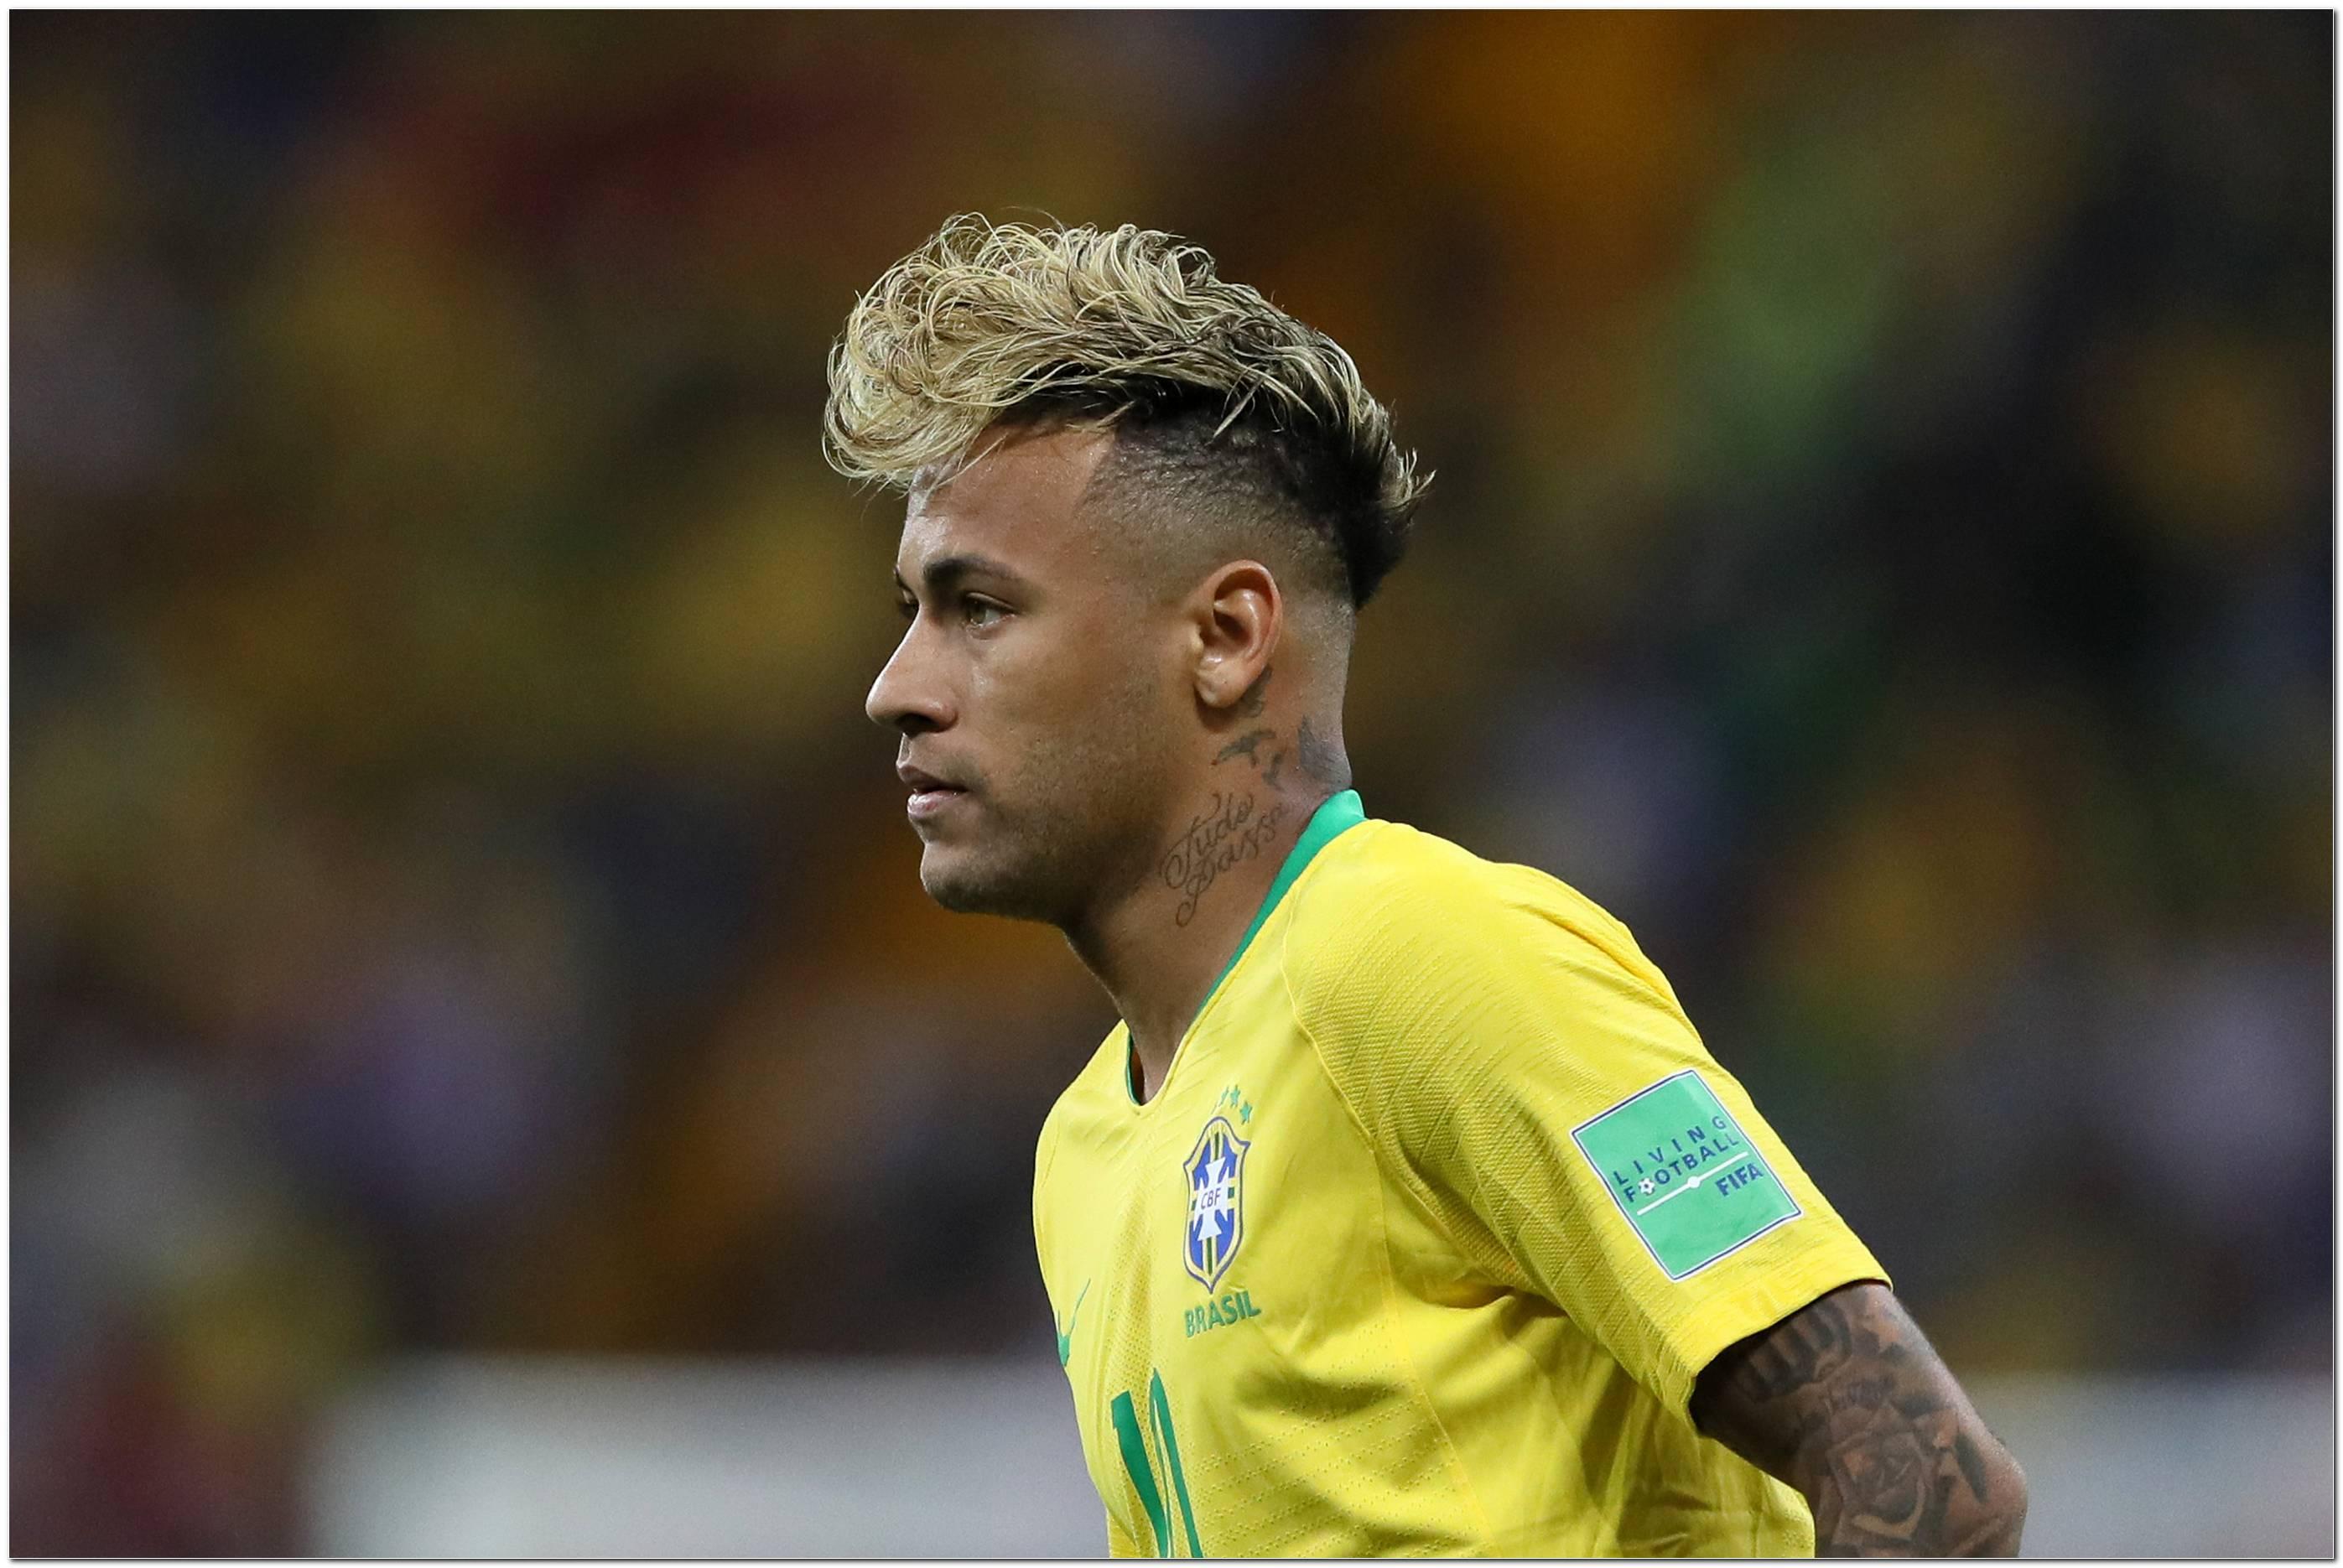 Neymar Frisur 2018 Wm